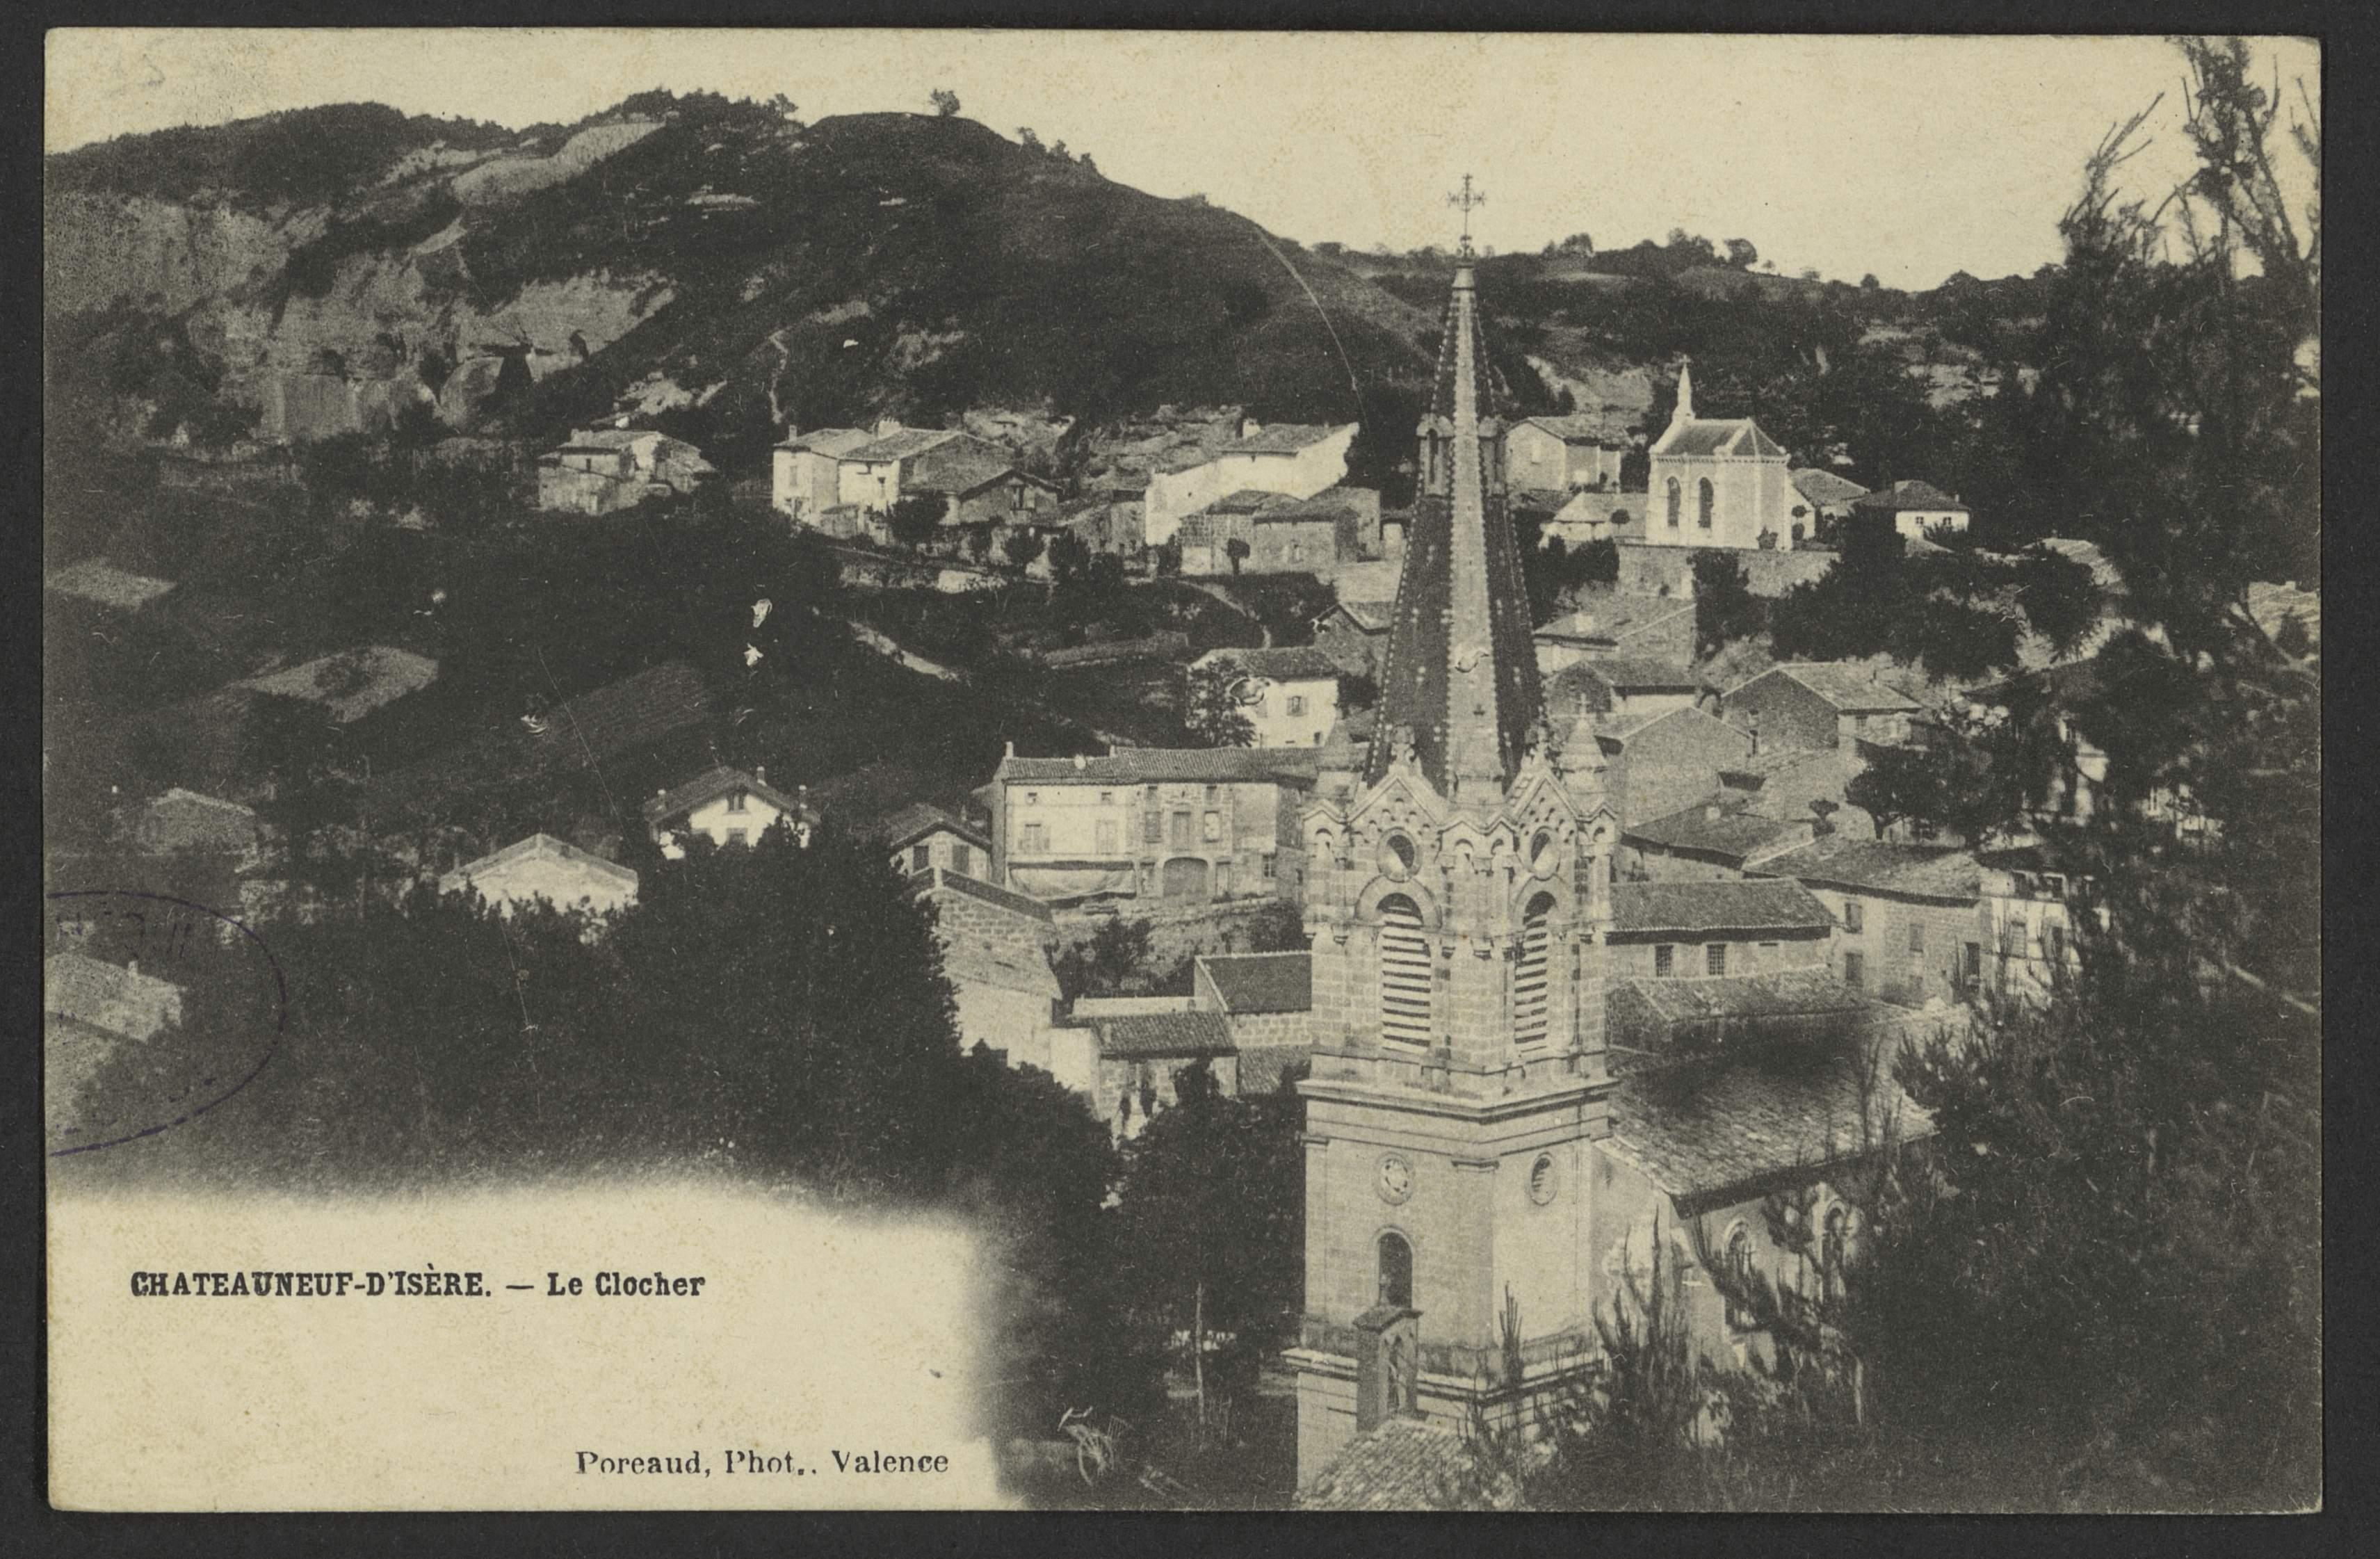 Chateauneuf d'Isère. - Le Clocher